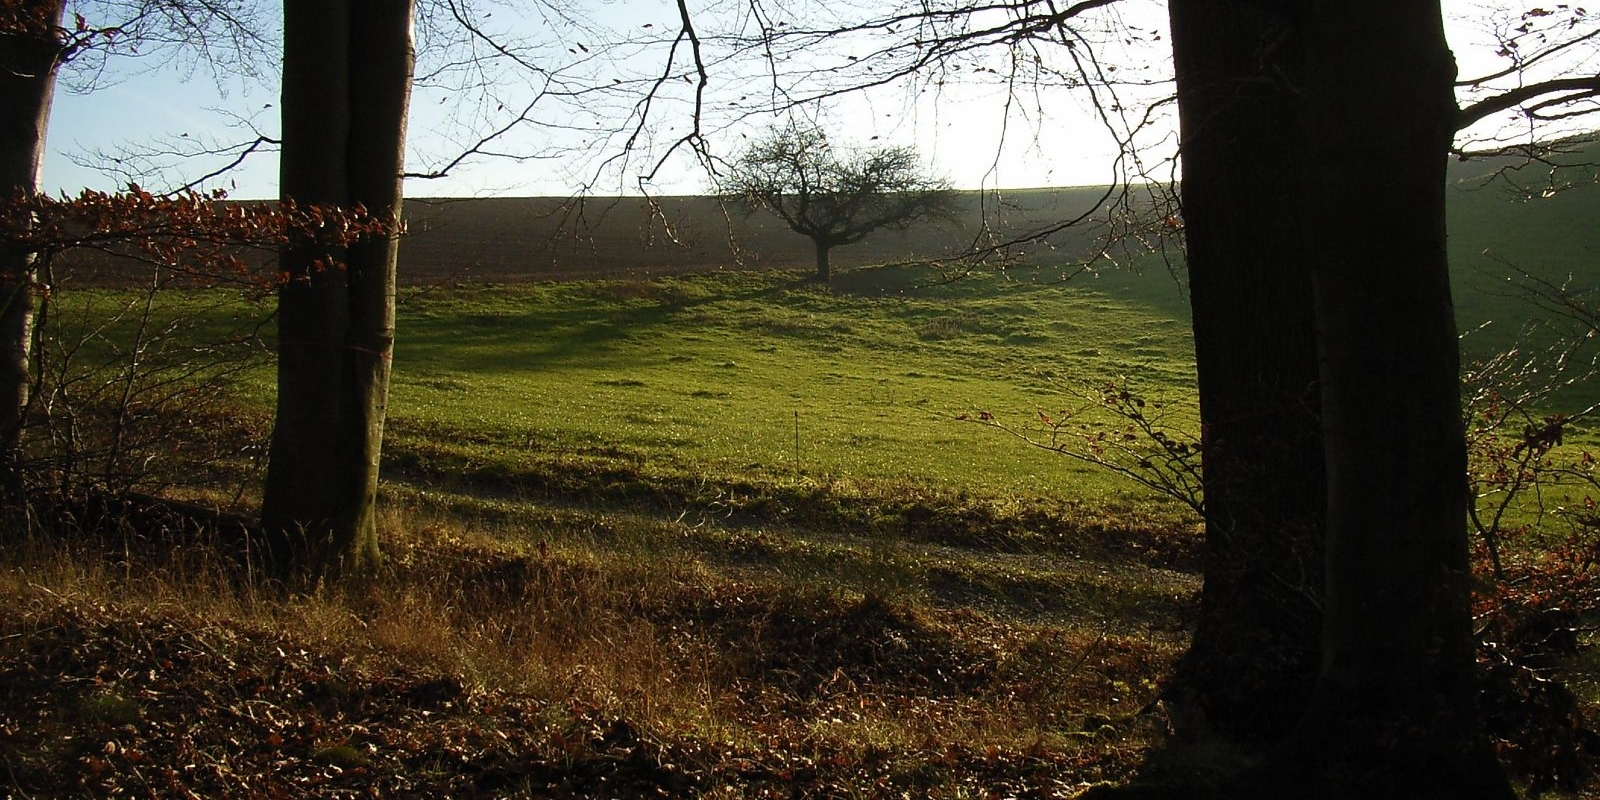 Am Waldrand im Bestattungswald 12 Apostel